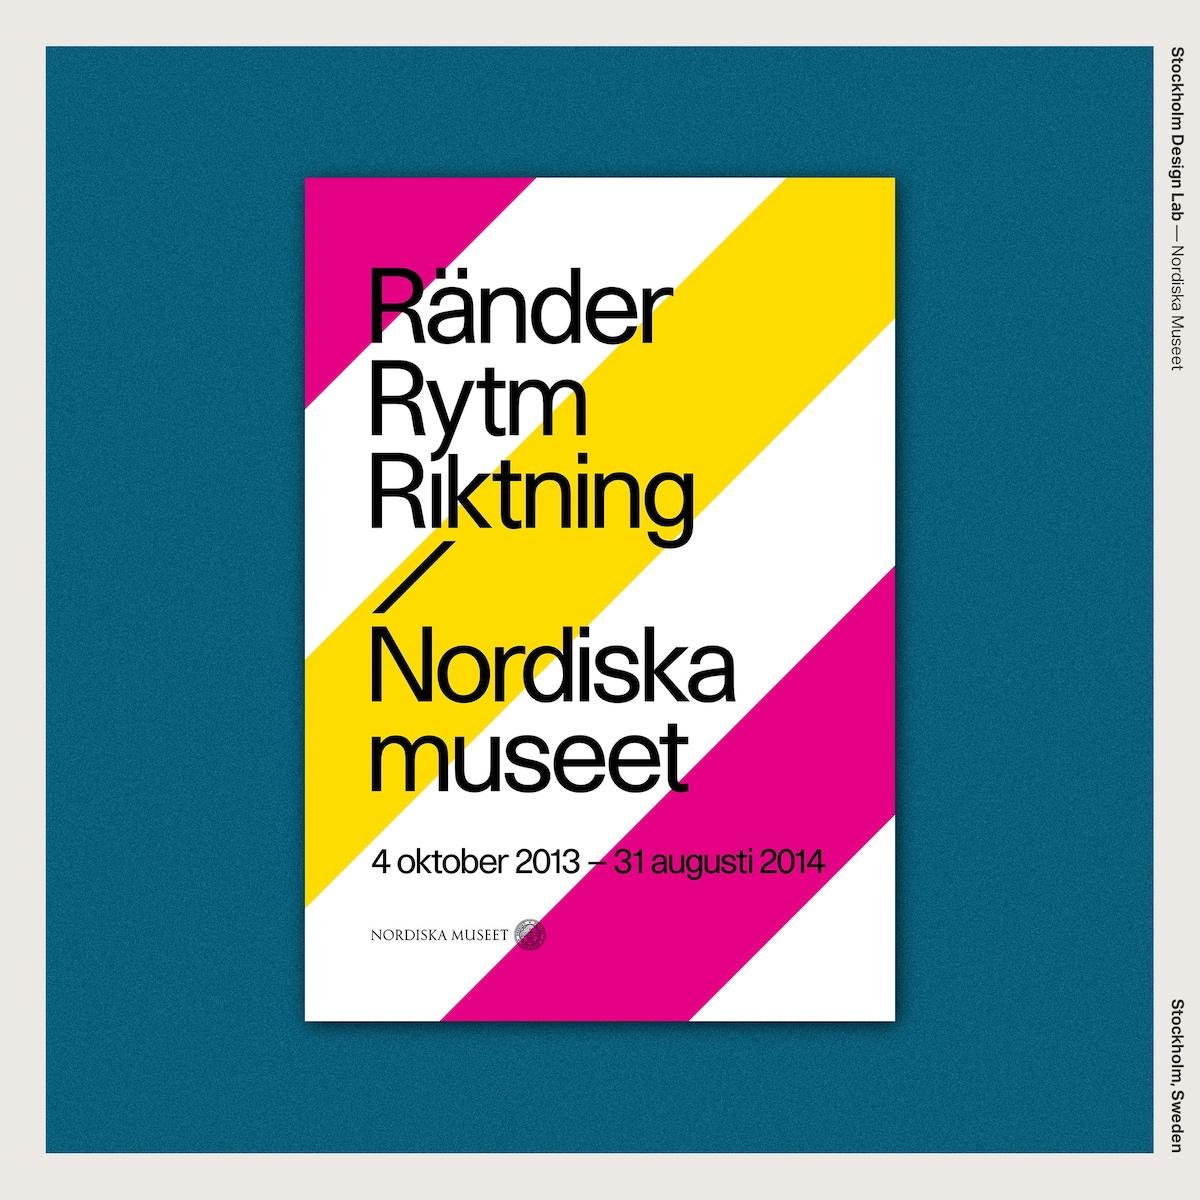 Stockholm Design Lab — Nordiska Museet